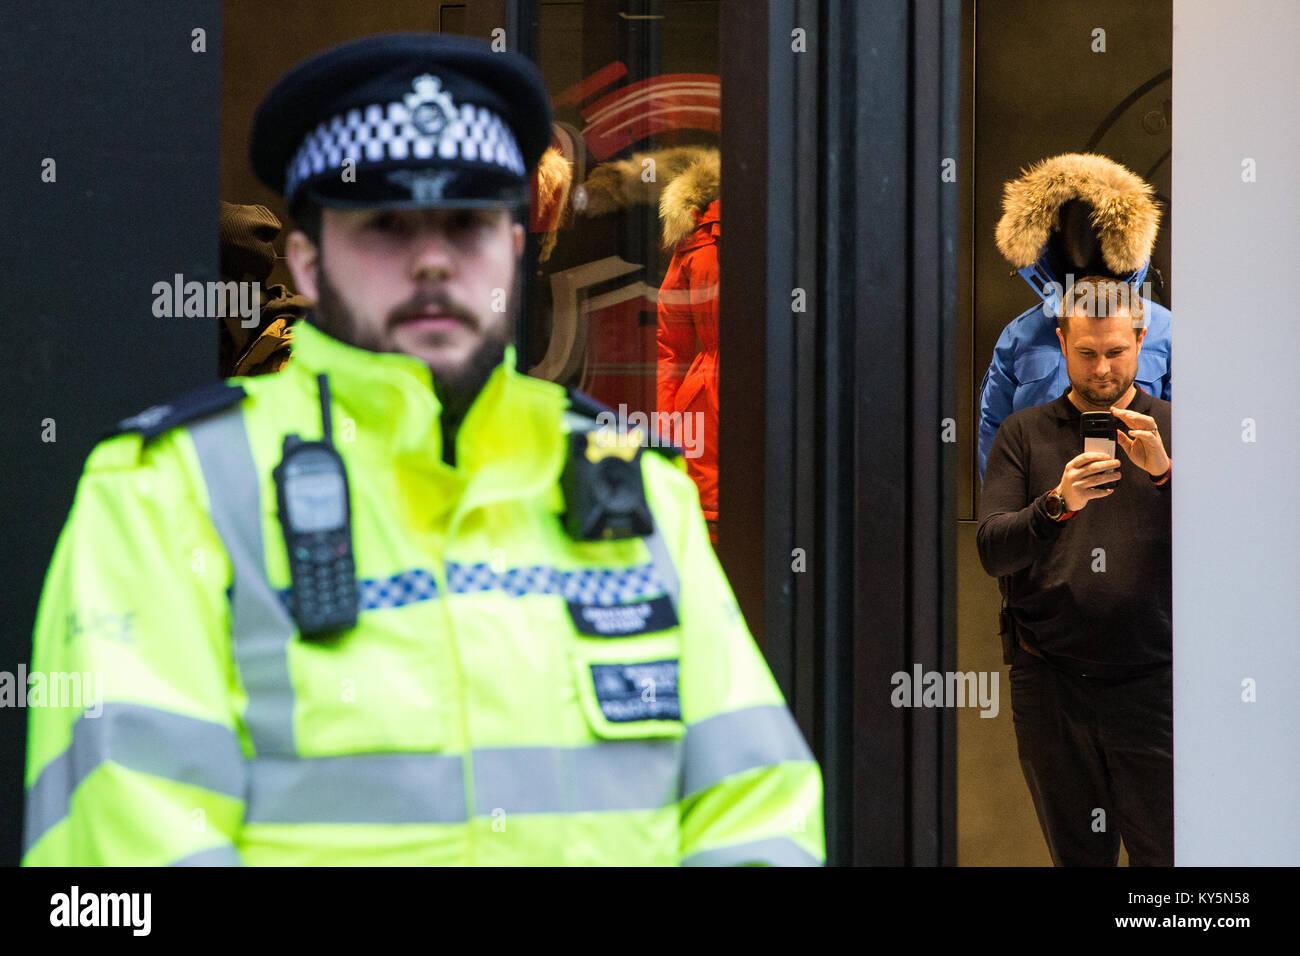 Security Guard Uk Shop Stock Photos & Security Guard Uk Shop